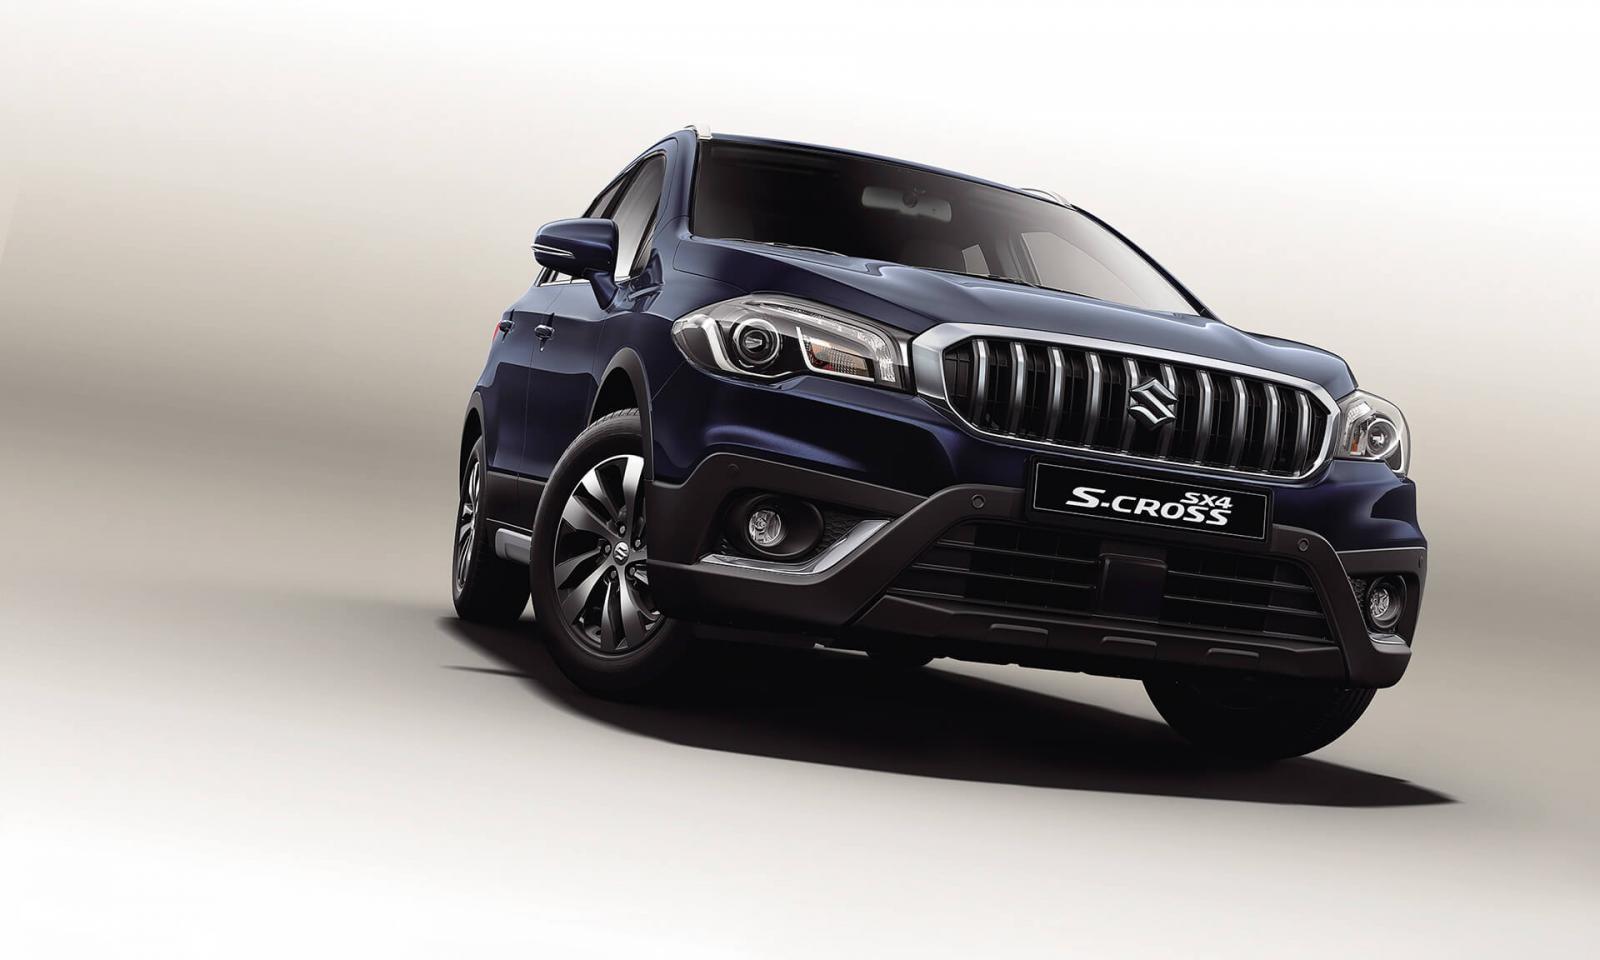 Suzuki S-Cross 2021 Reseña - El miembro más refinado de la ...